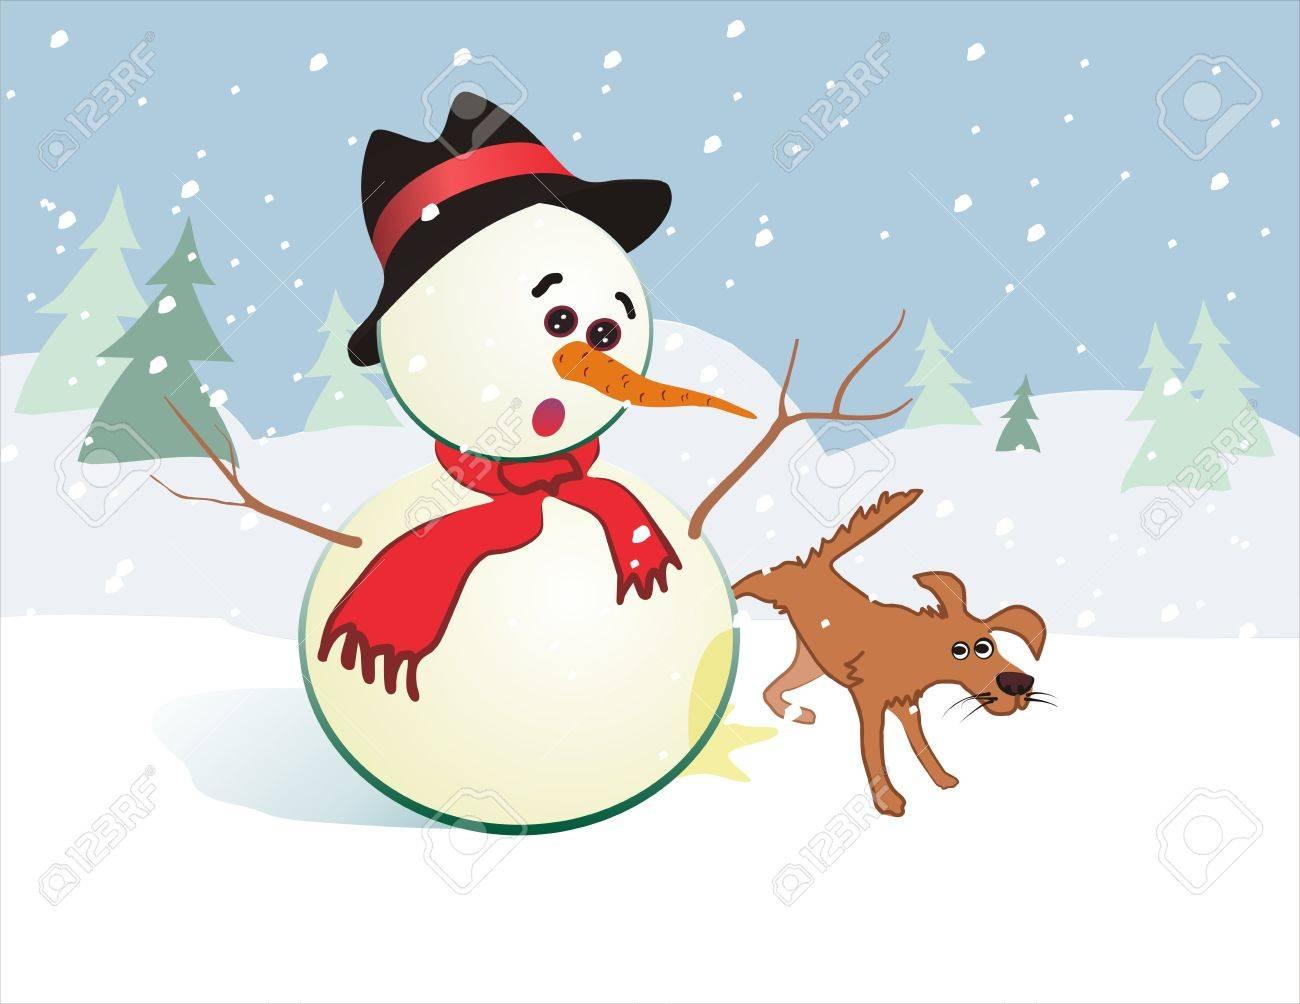 tarjeta de navidad divertida de mueco de nieve y perro foto de archivo